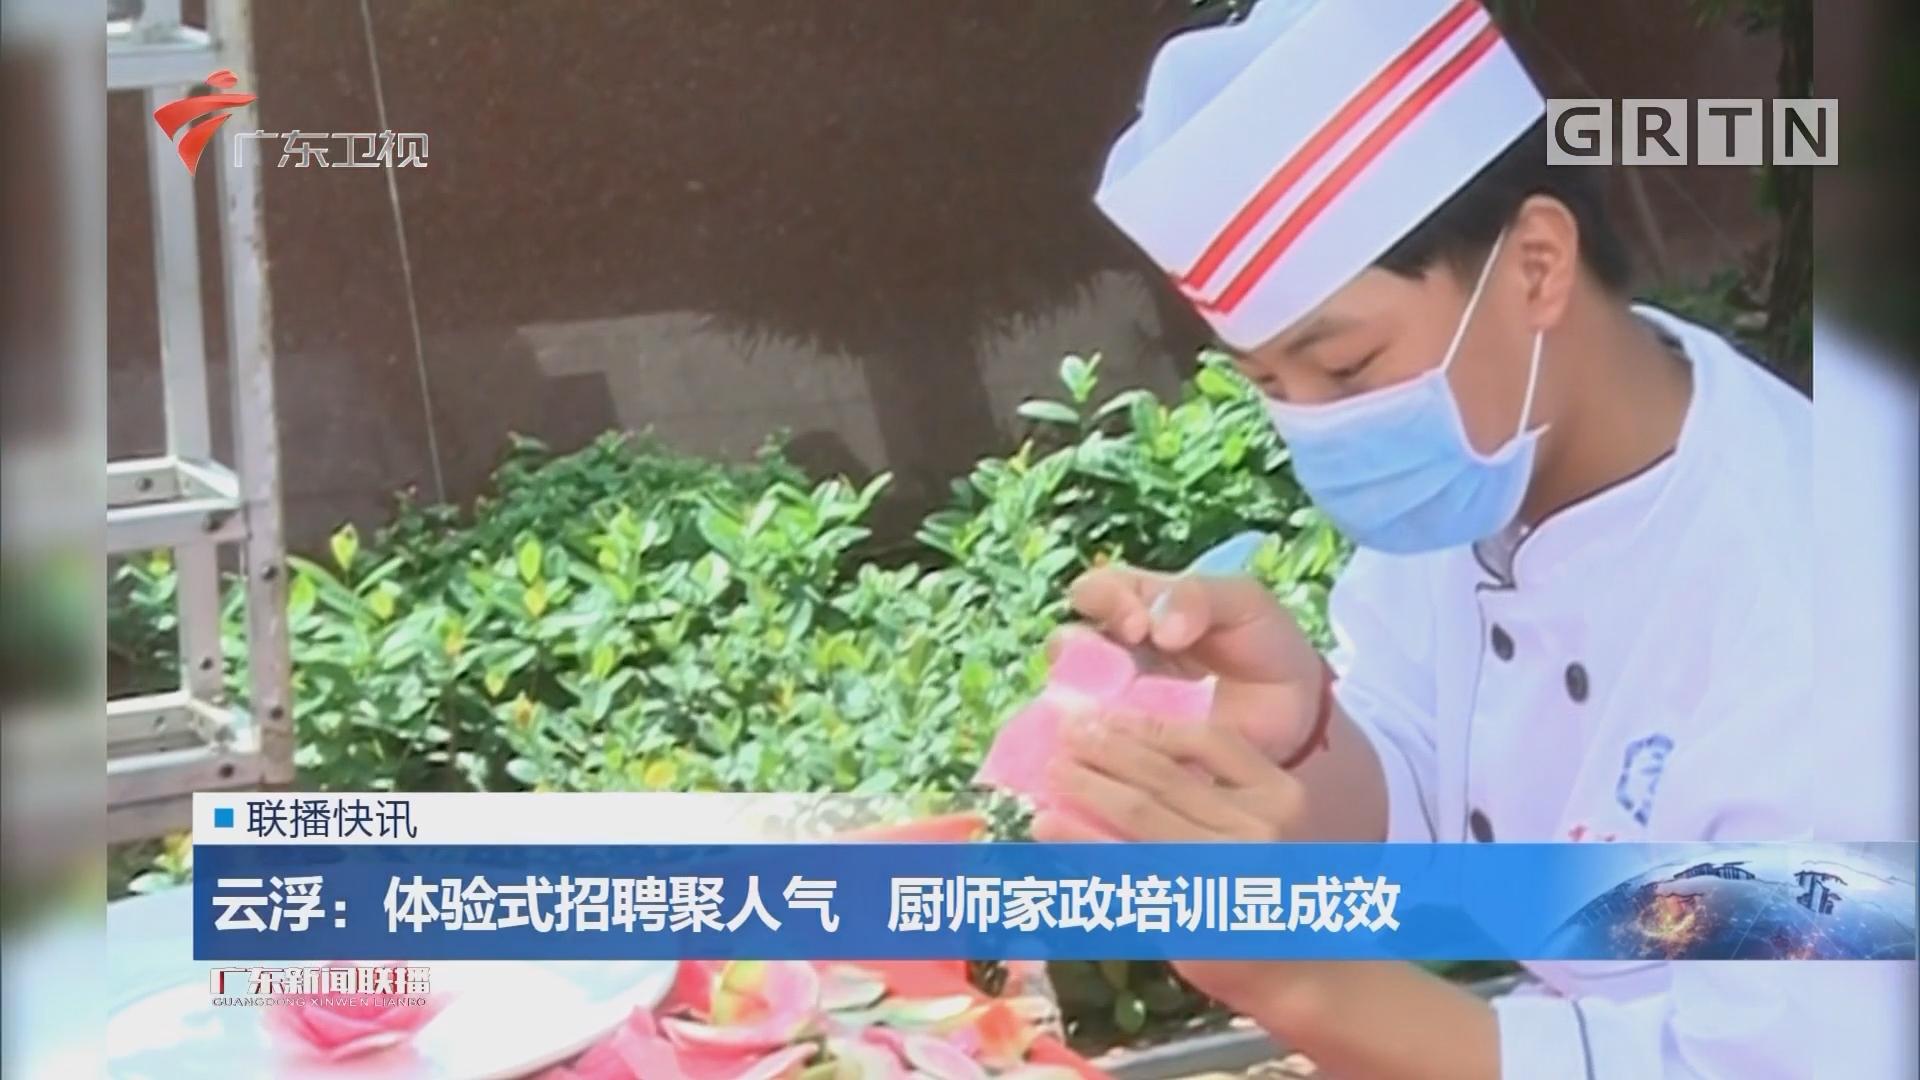 云浮:体验式招聘聚人气 厨师家政培训显成效